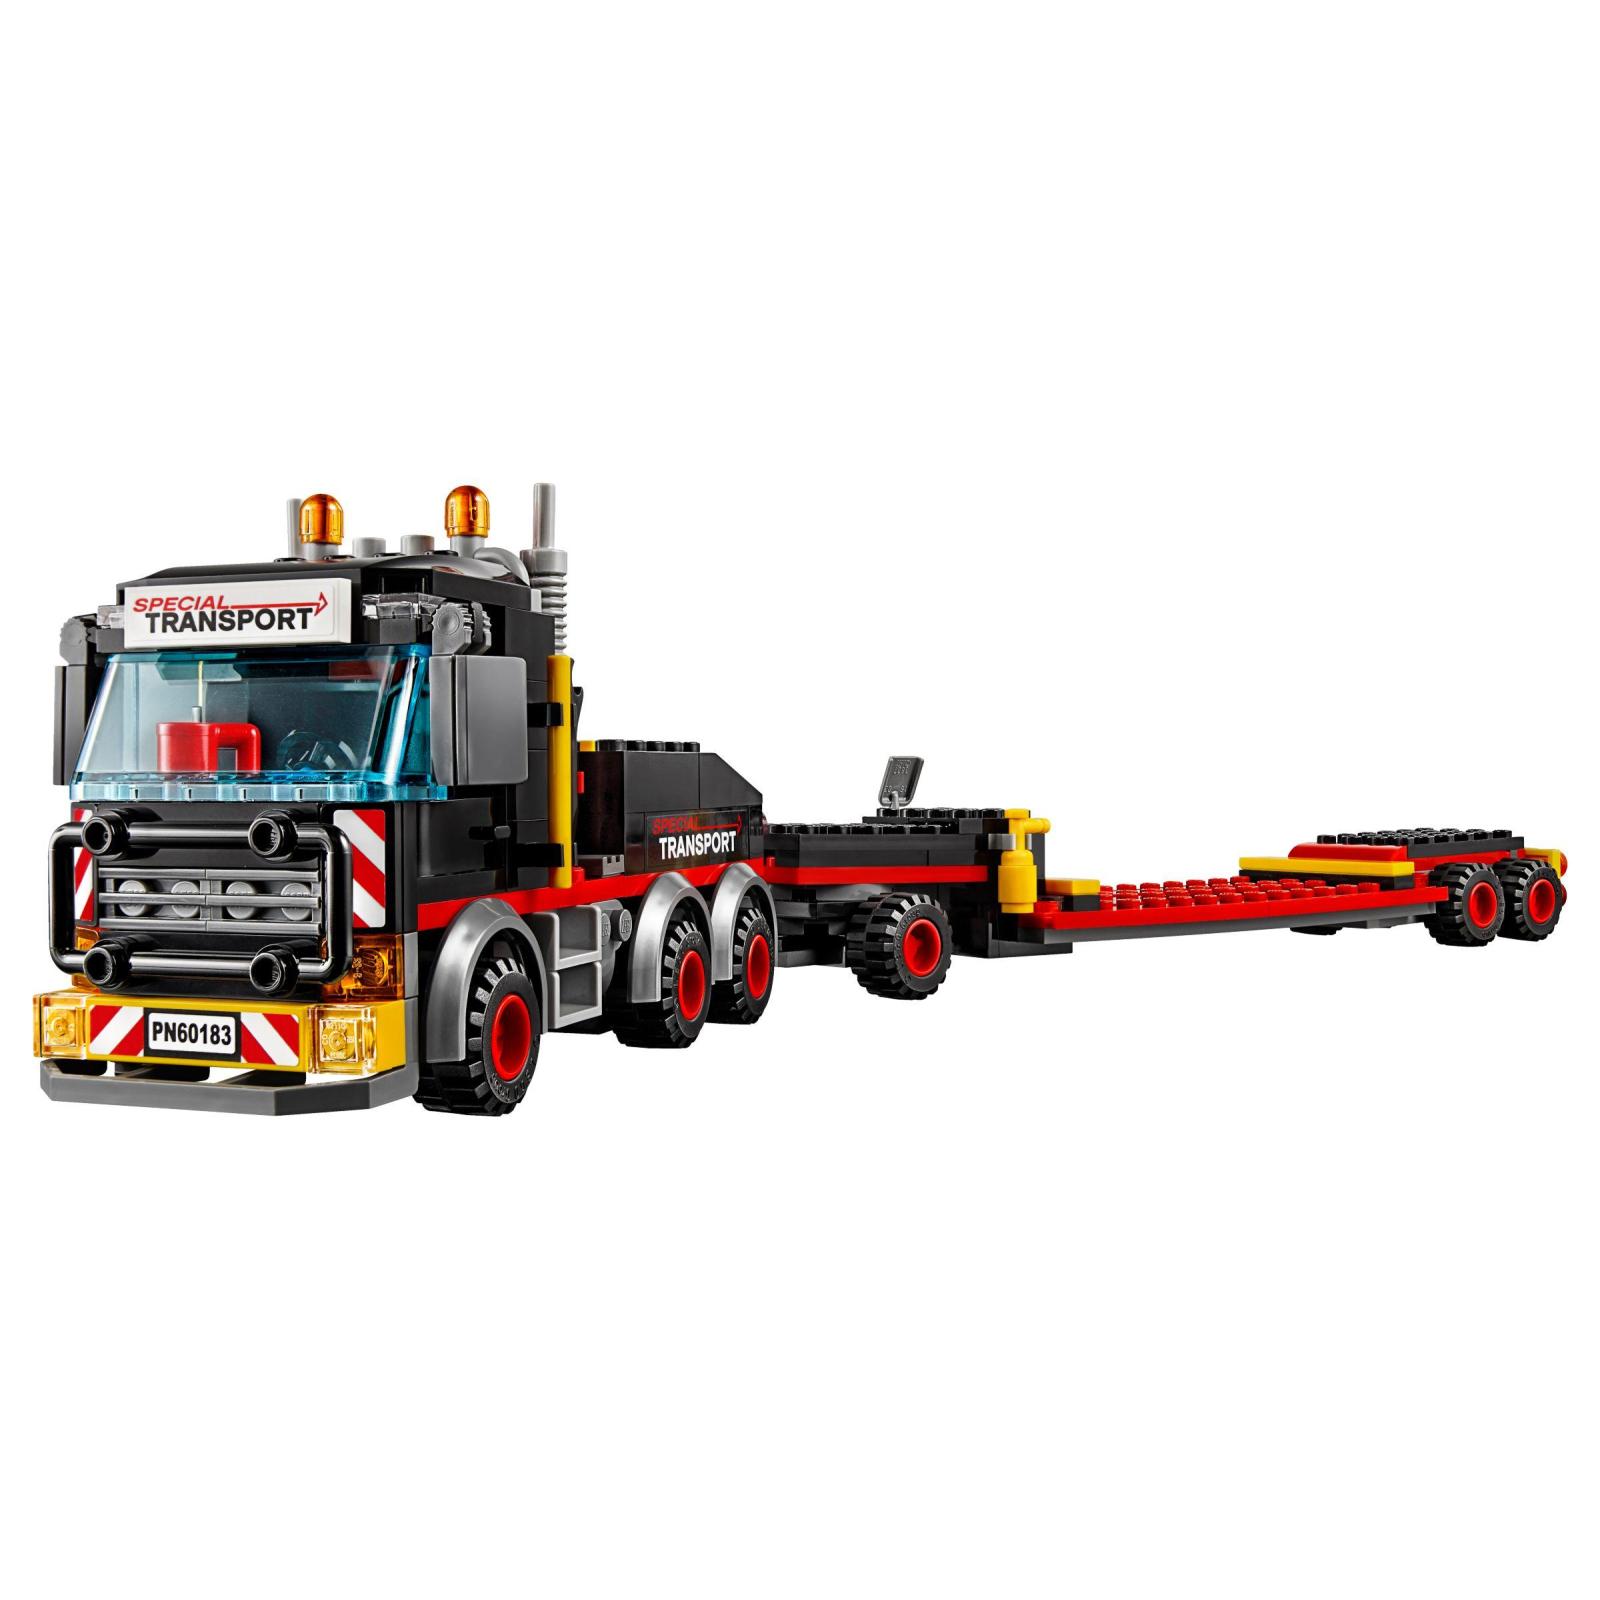 Конструктор LEGO City Перевозка тяжелых грузов (60183) изображение 3